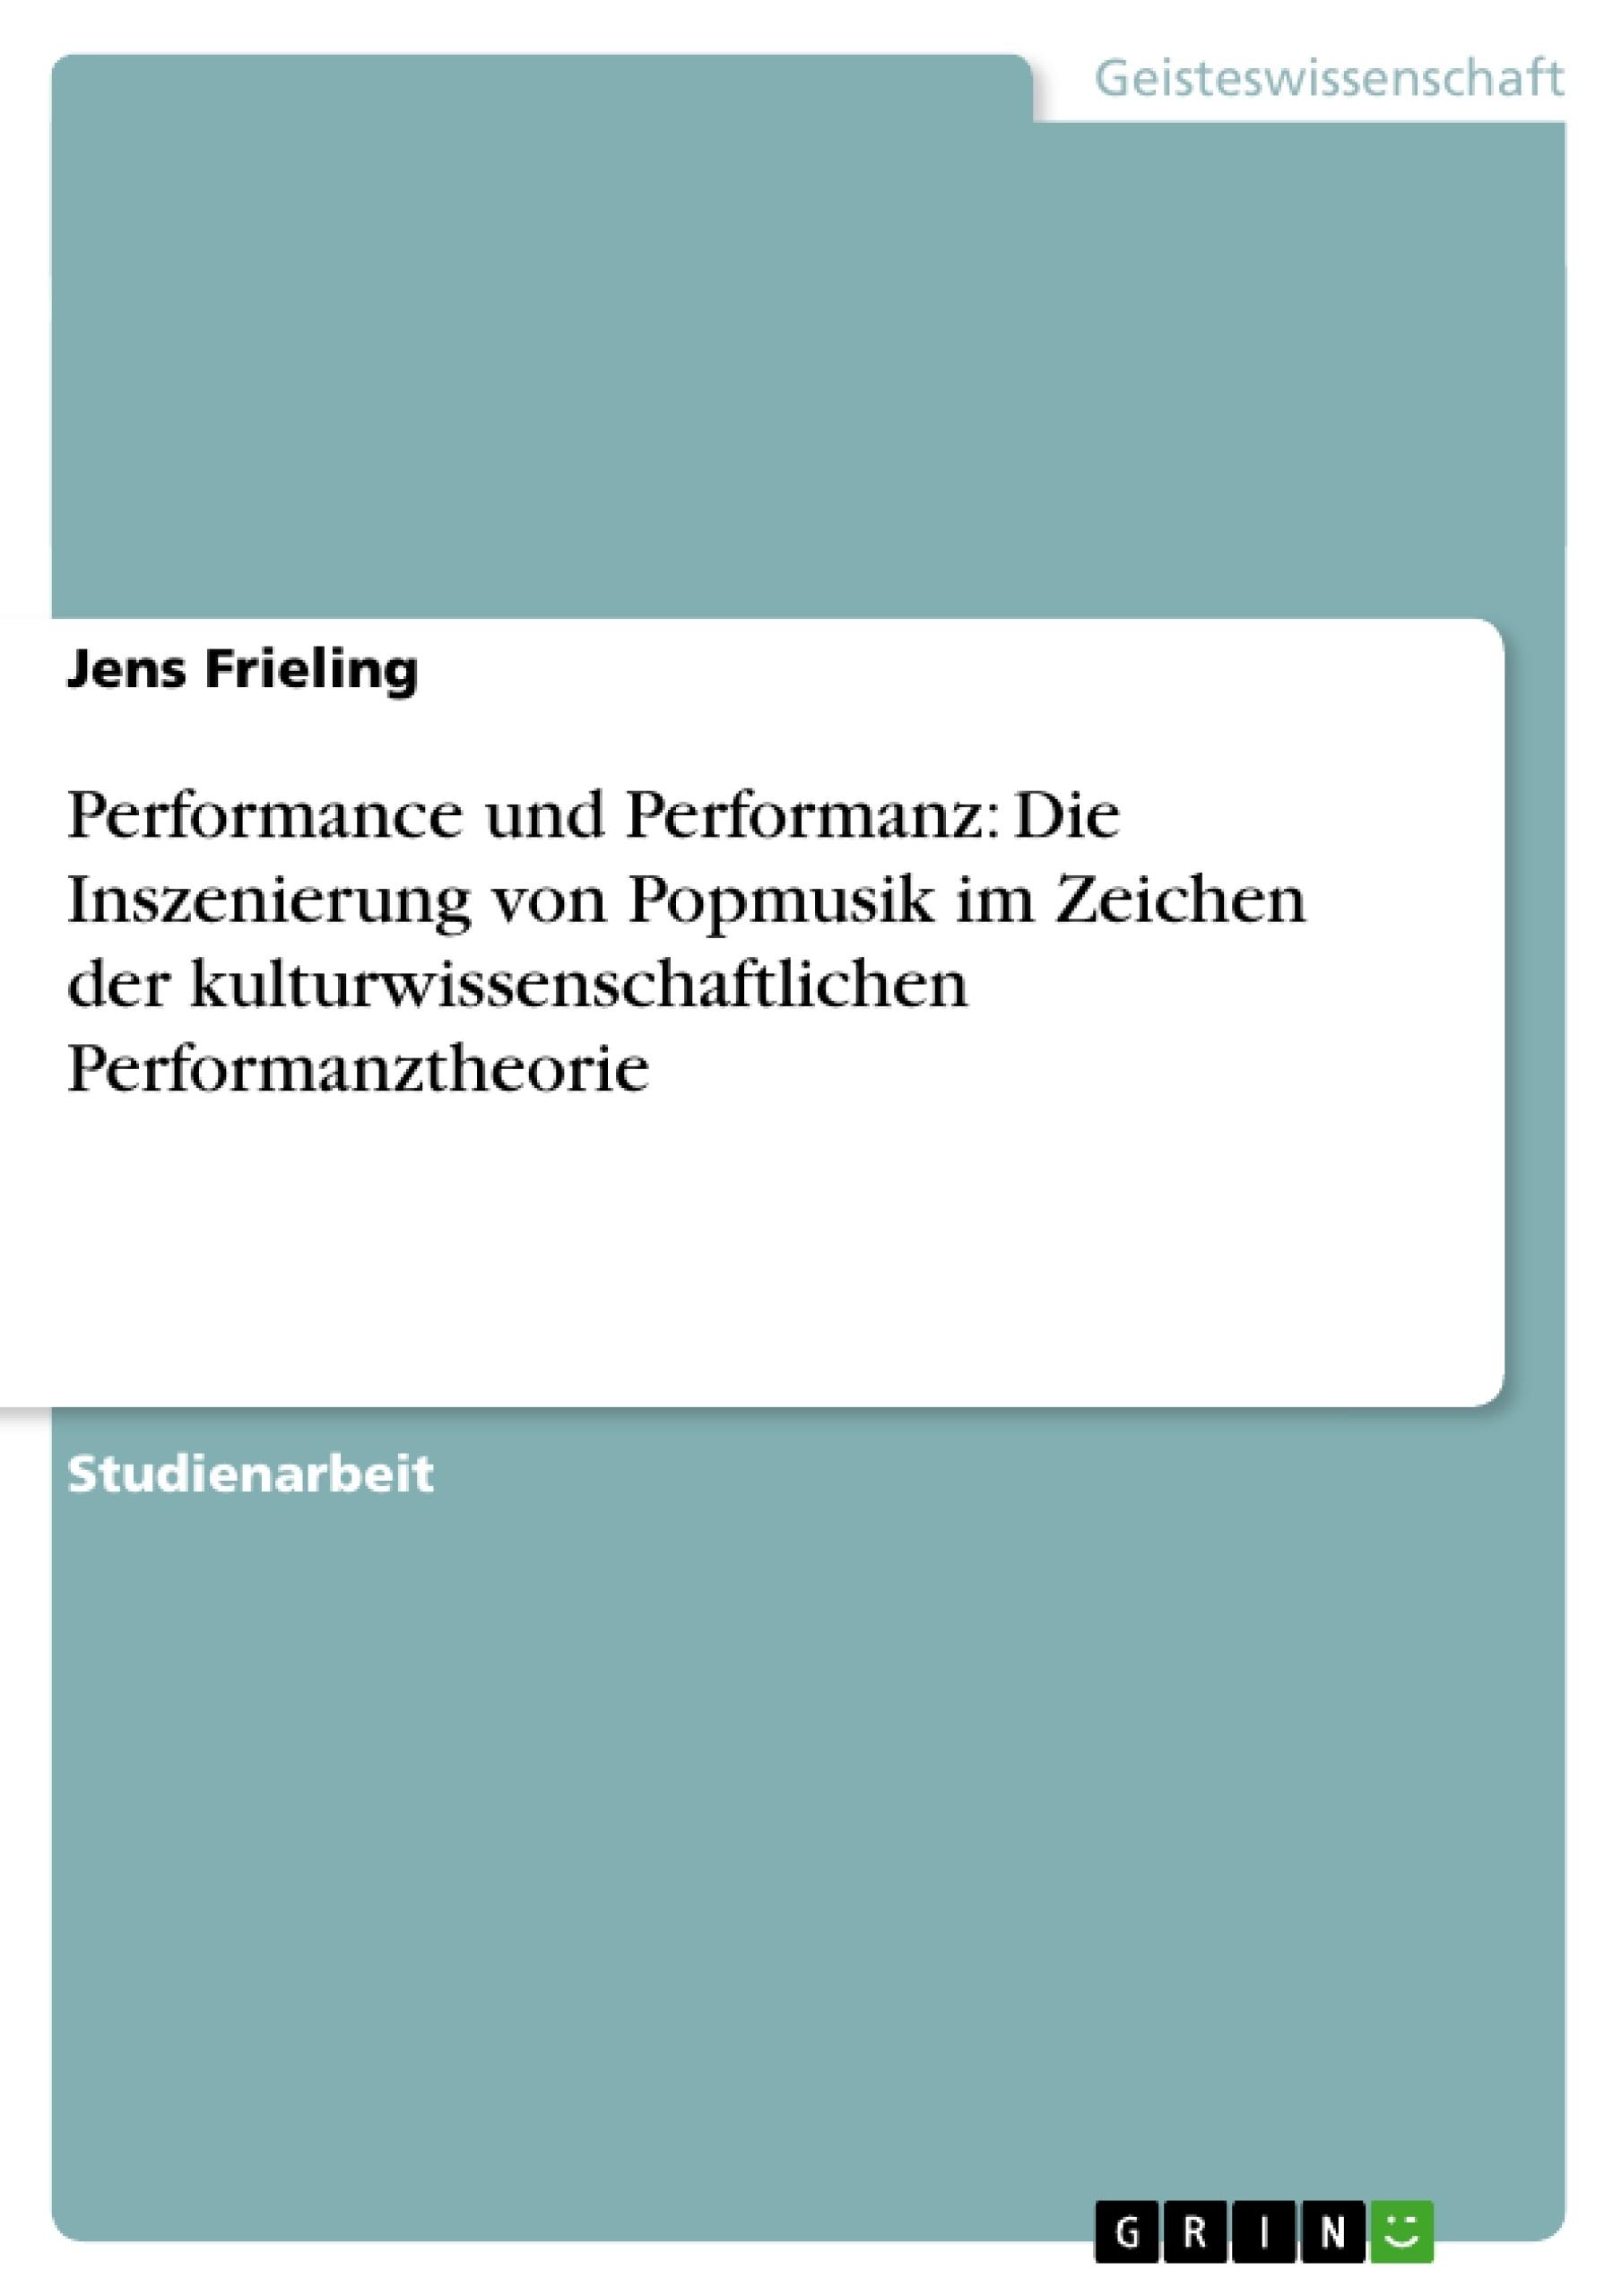 Titel: Performance und Performanz: Die Inszenierung von Popmusik im Zeichen der kulturwissenschaftlichen Performanztheorie